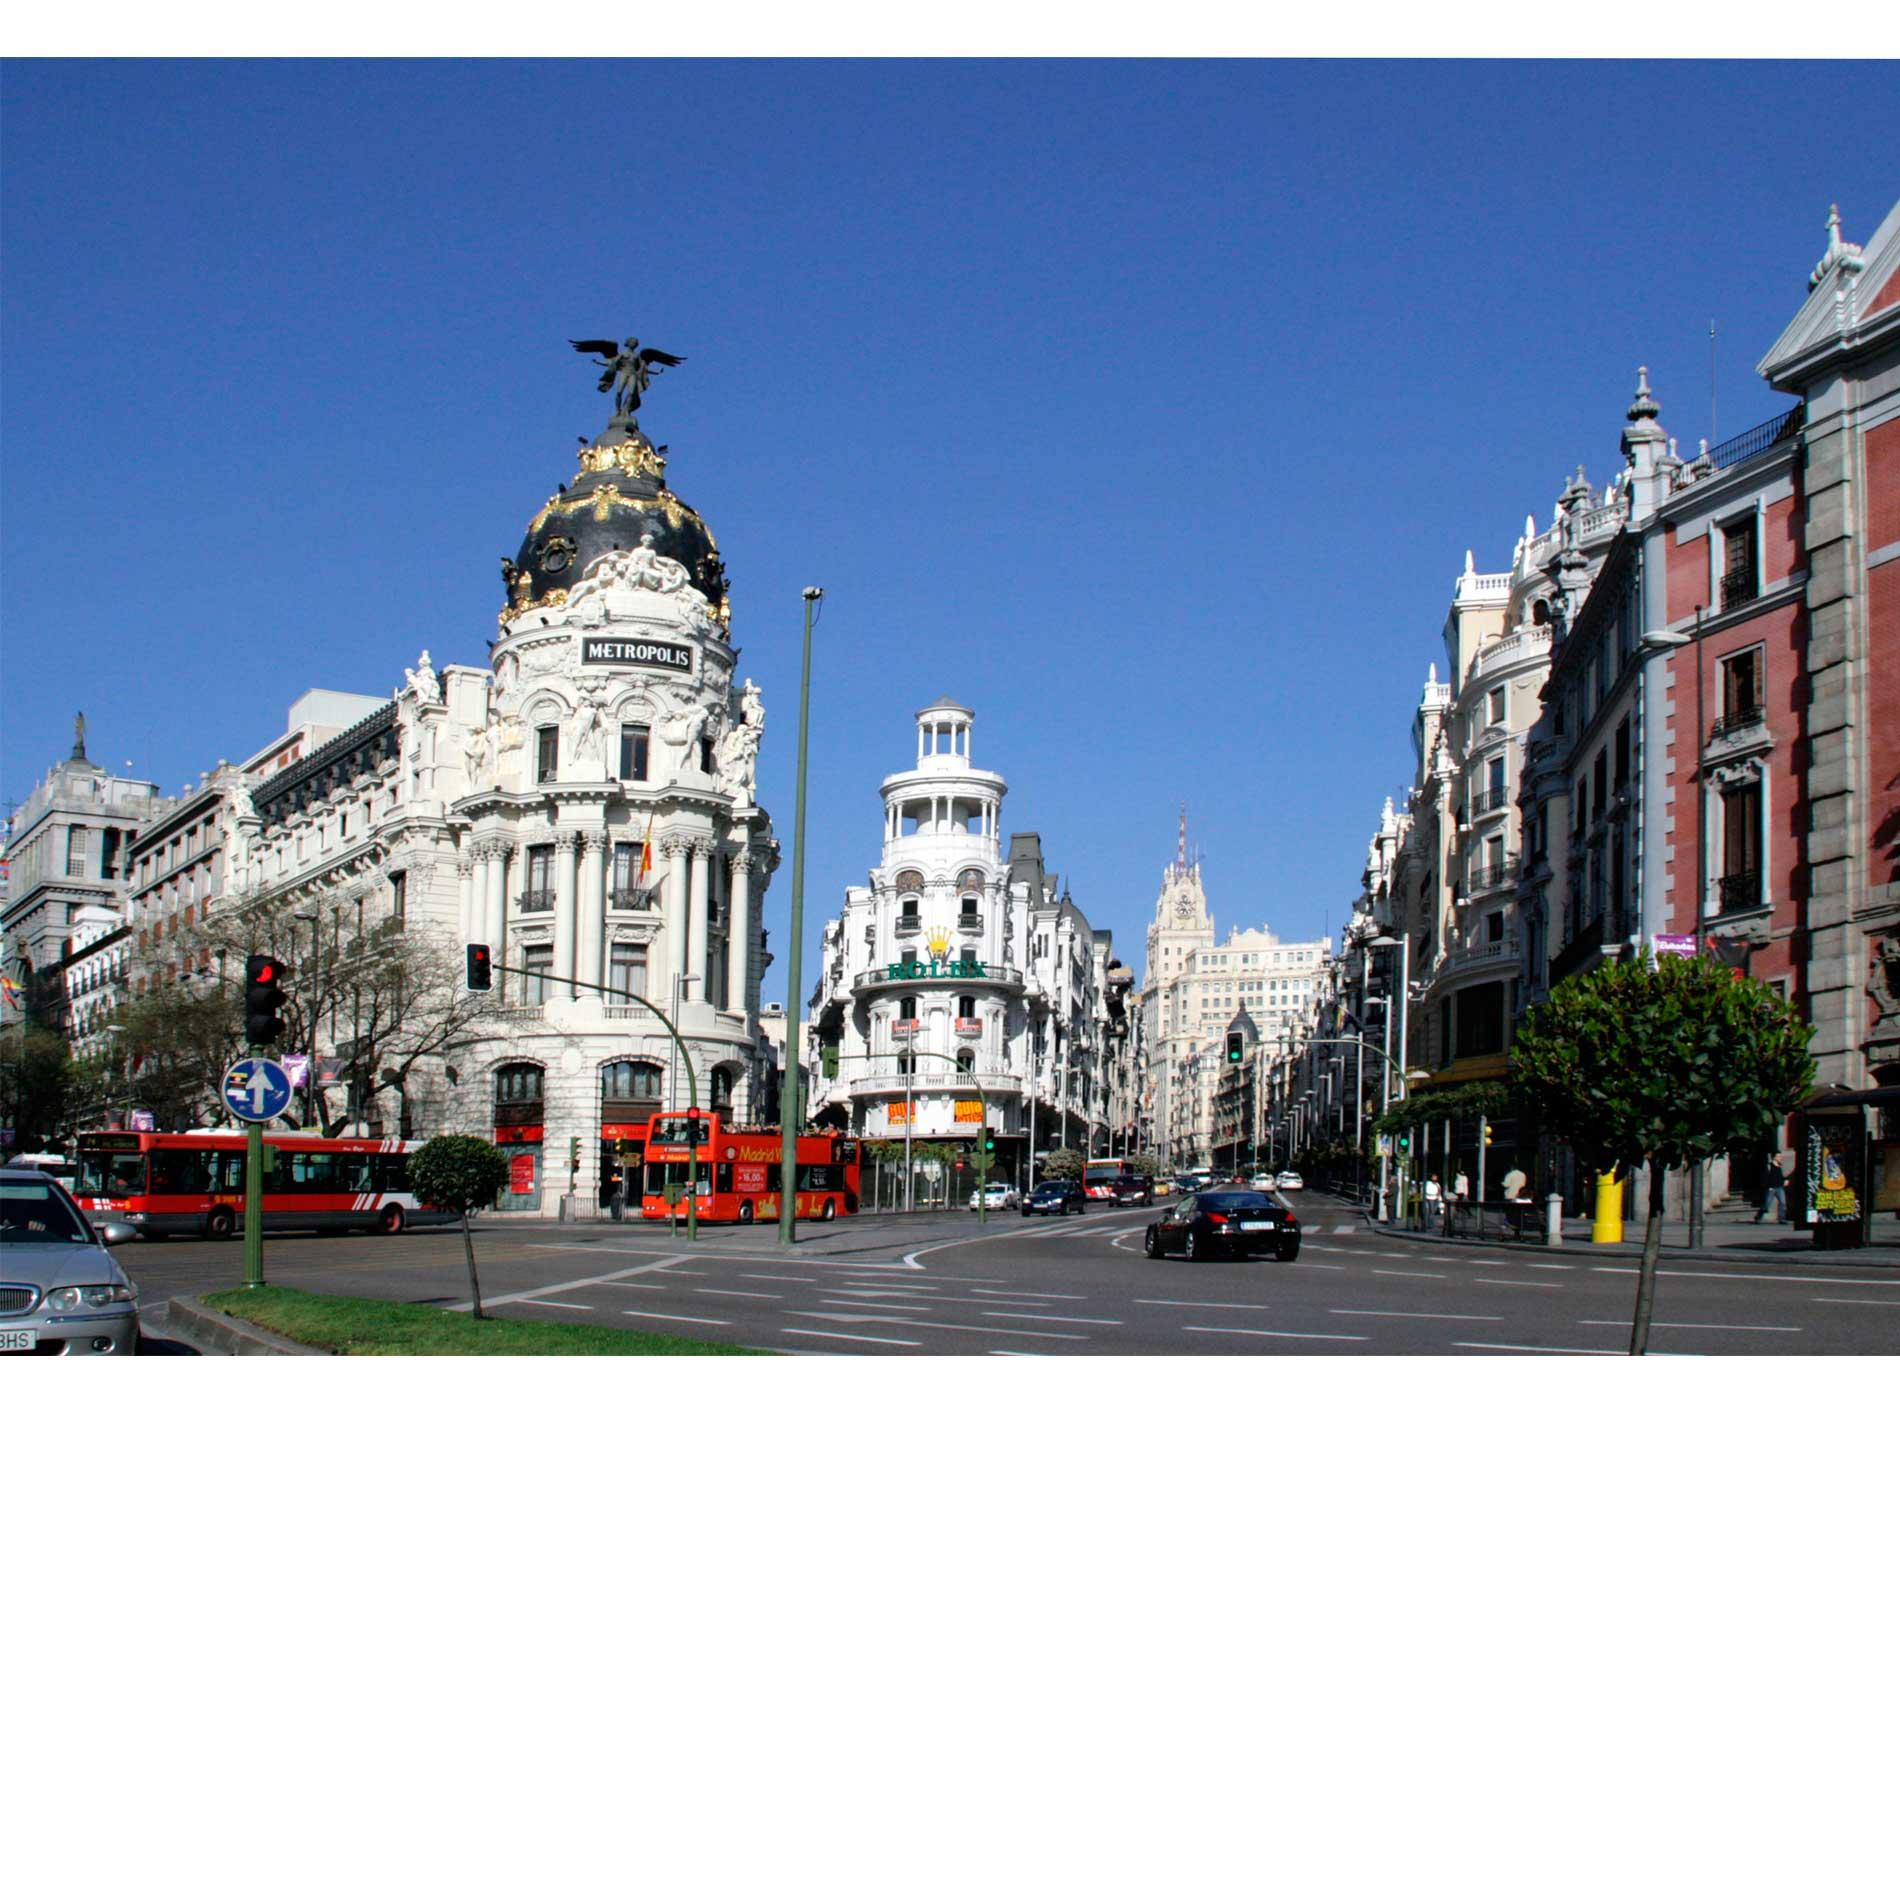 consultora de calidad y estrategia en madrid – barcelona – malaga – bilbao